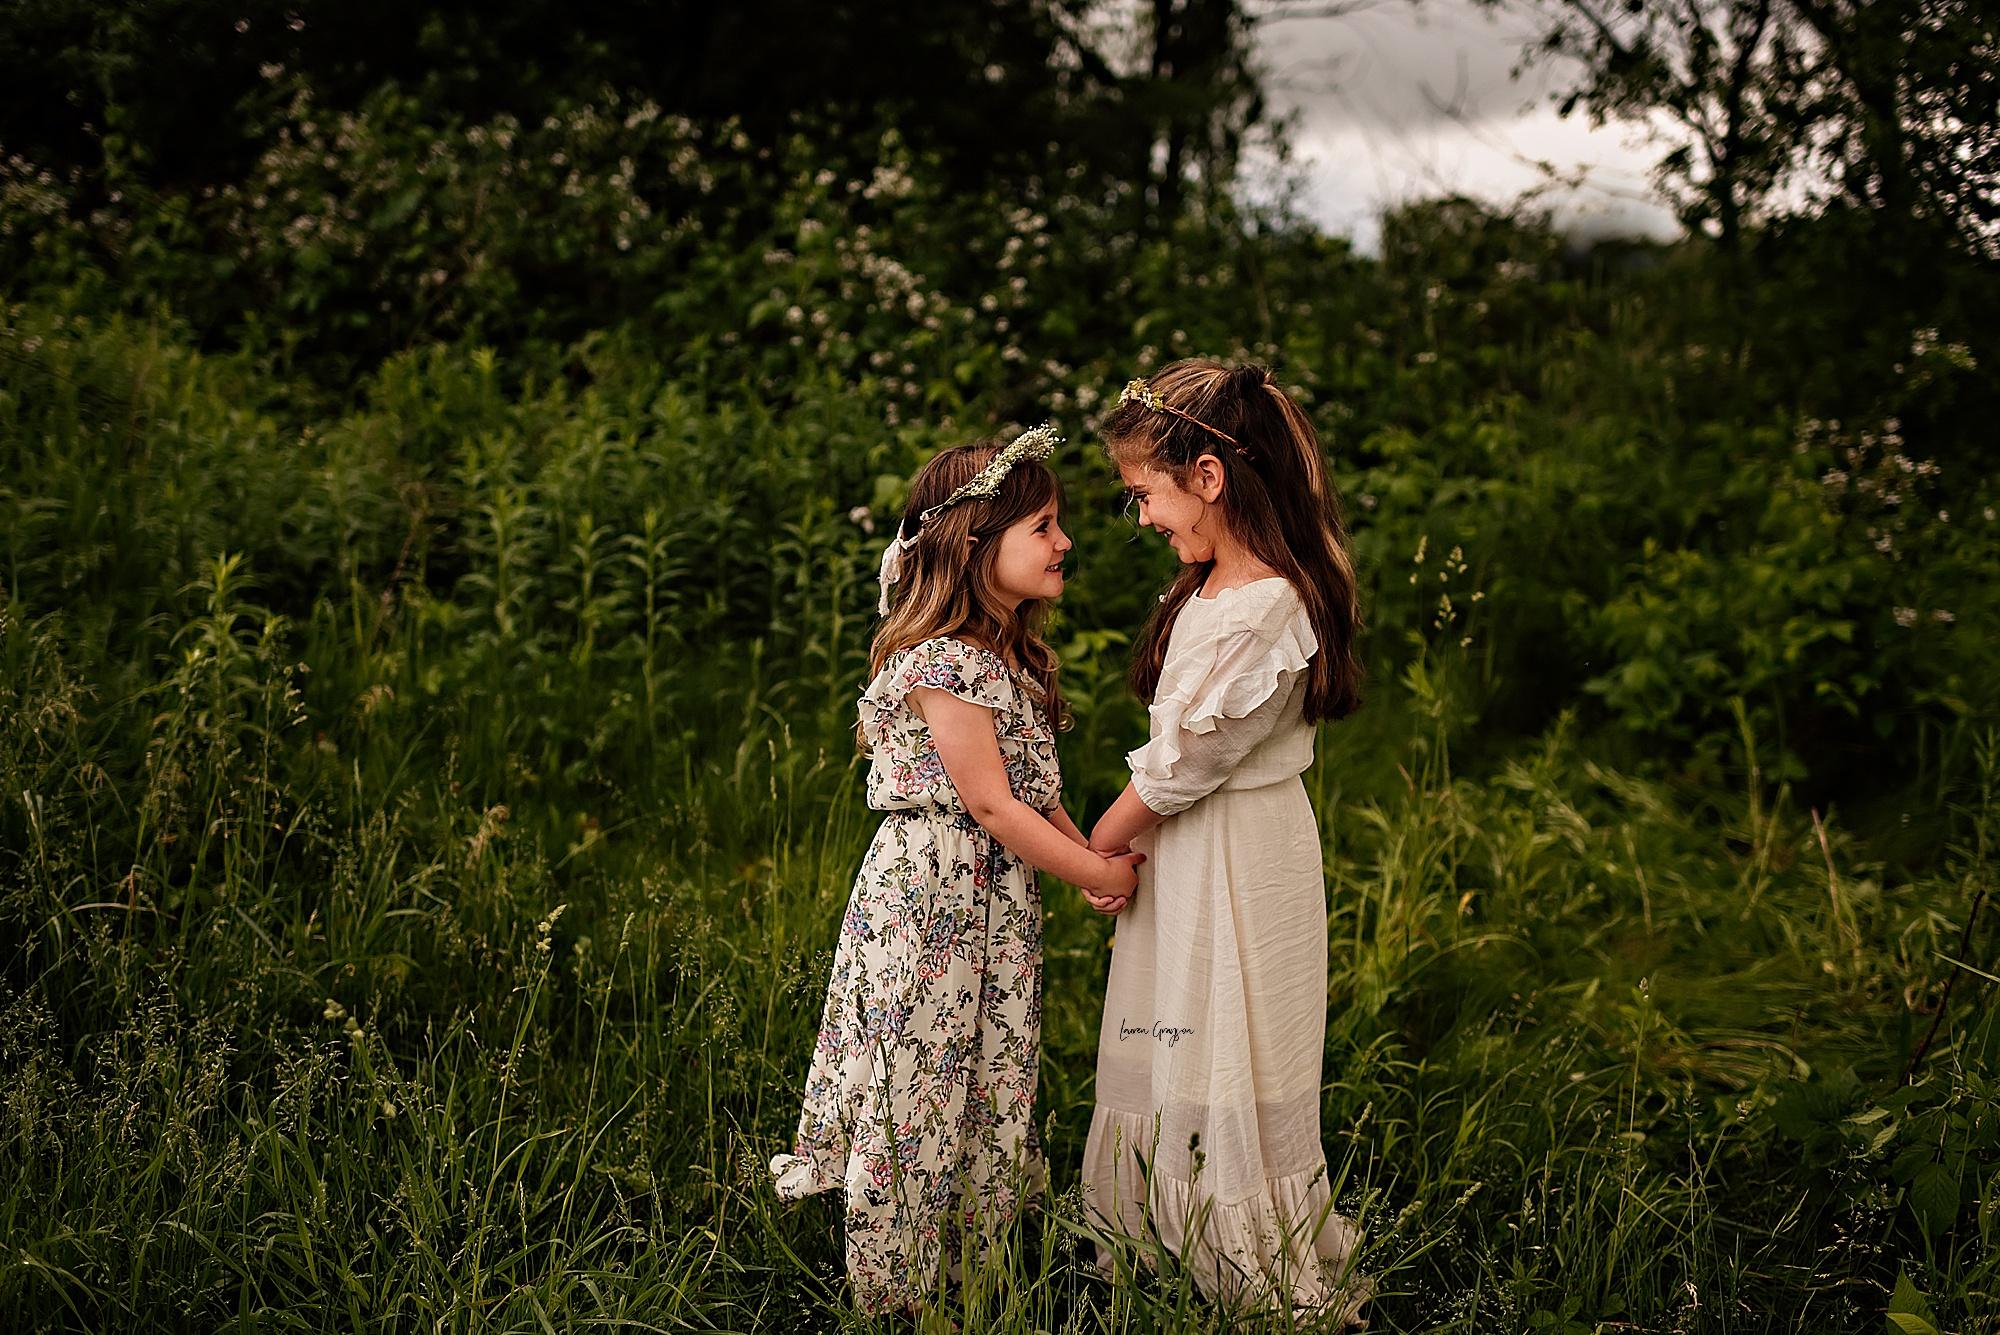 lauren-grayson-photography-akron-ridenour-family-summer-fields-sunset-session_0017.jpg